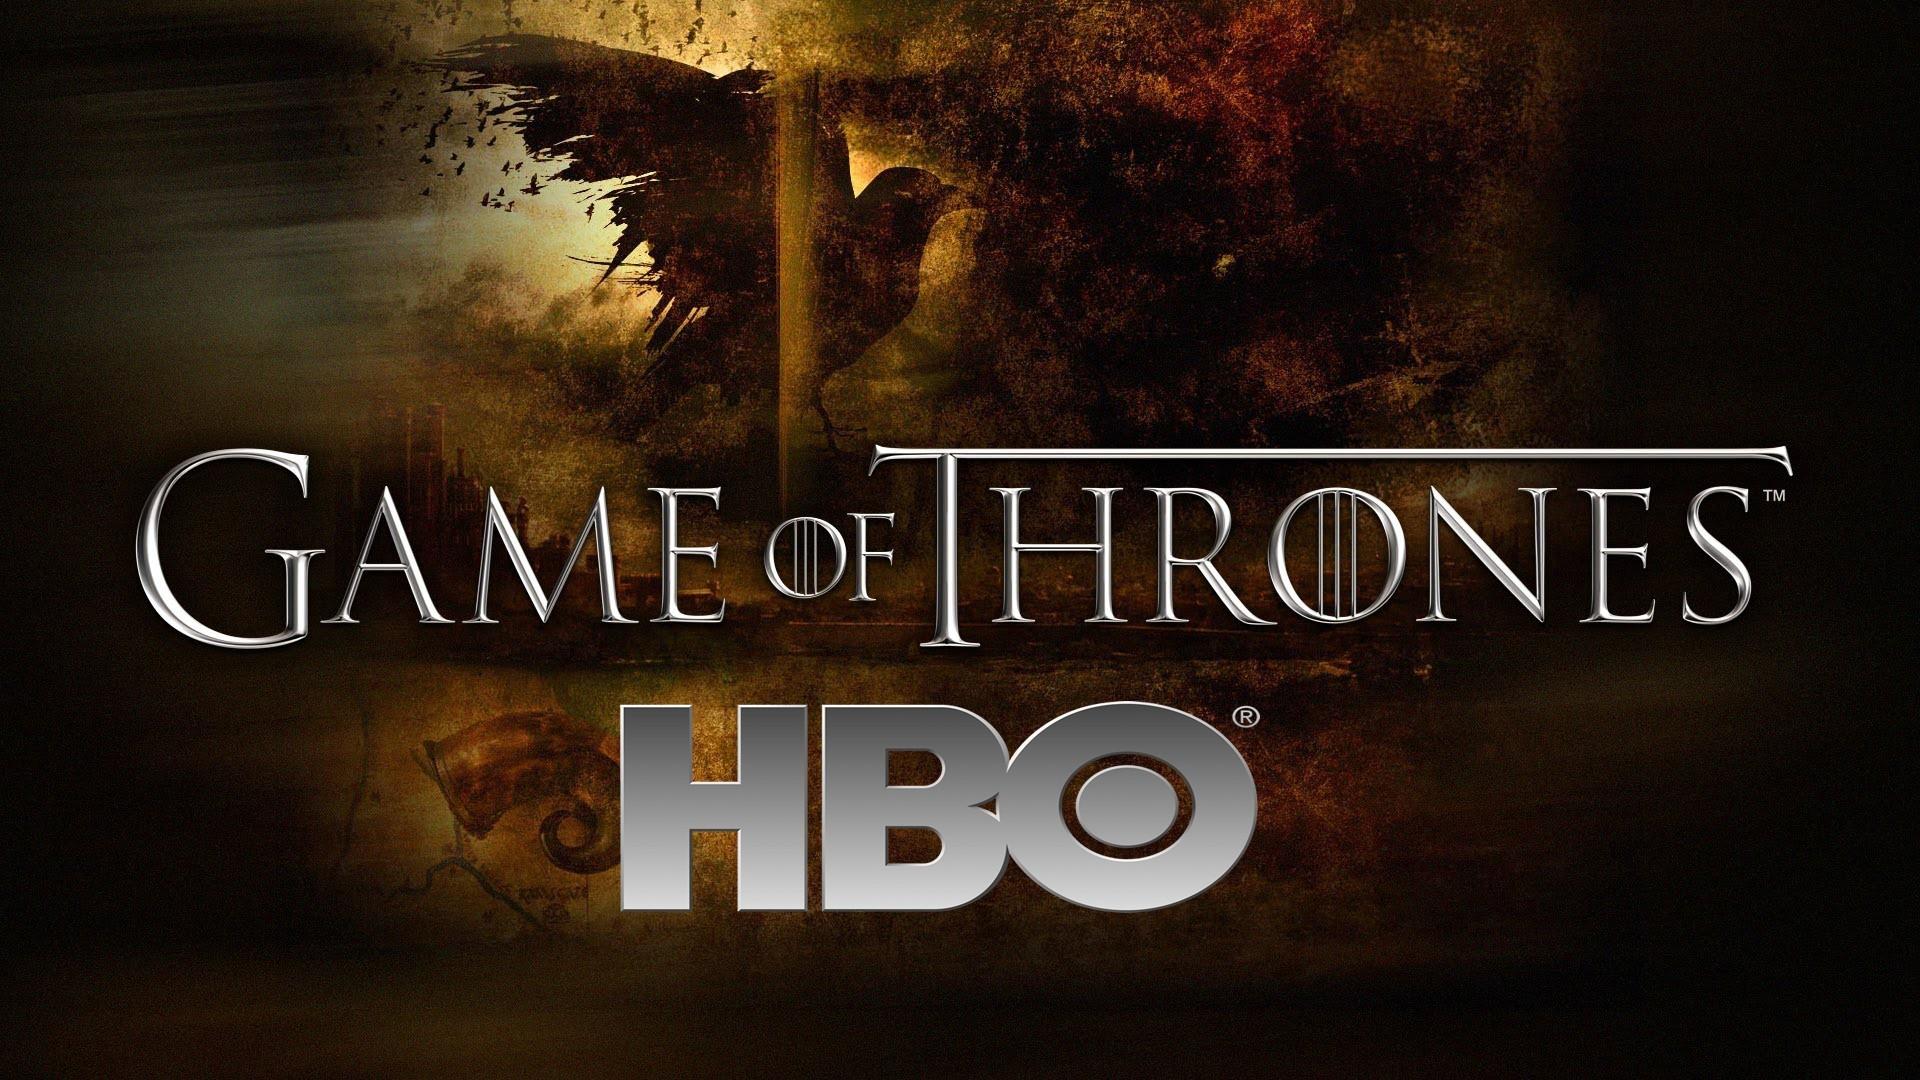 Tài khoản truyền thông của HBO bị hack bởi OurMine